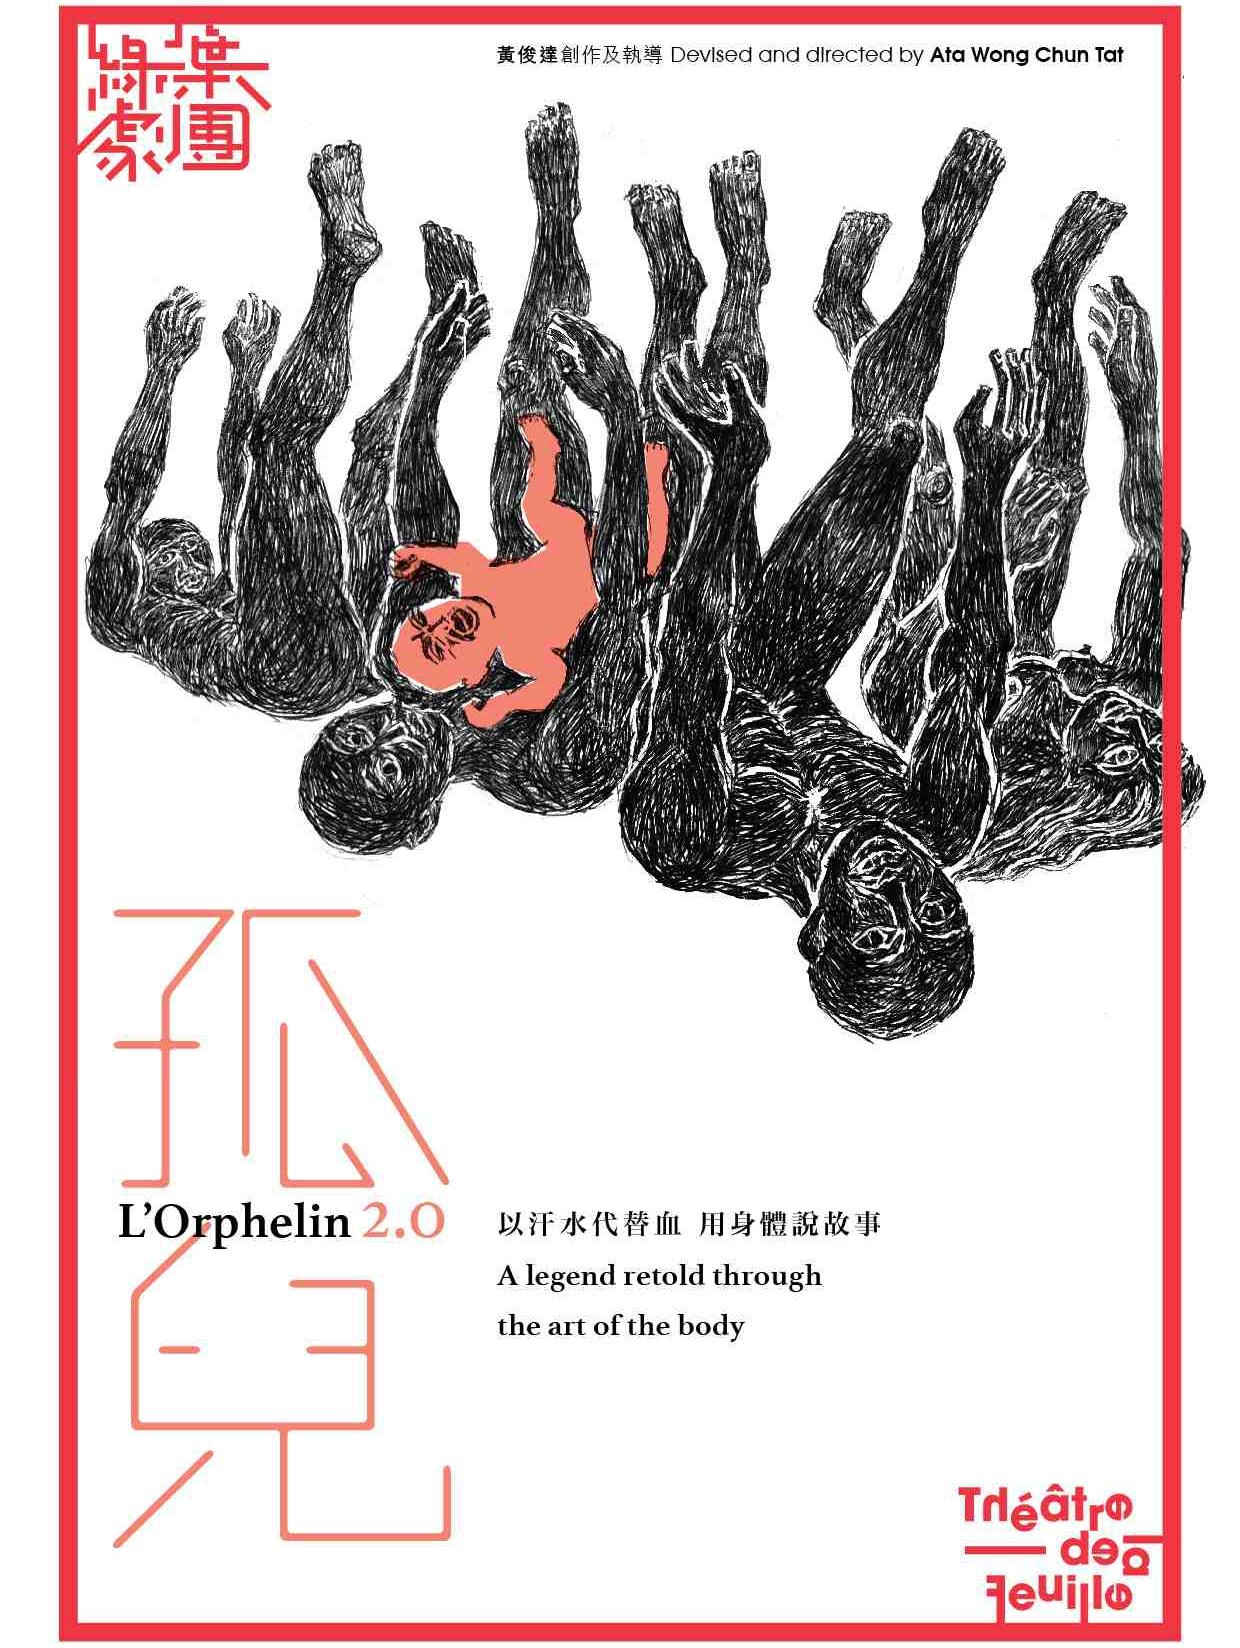 2017第四届城市戏剧节 乌镇戏剧节五星推荐 · 香港绿叶剧团肢体剧《孤儿2.0》东莞站